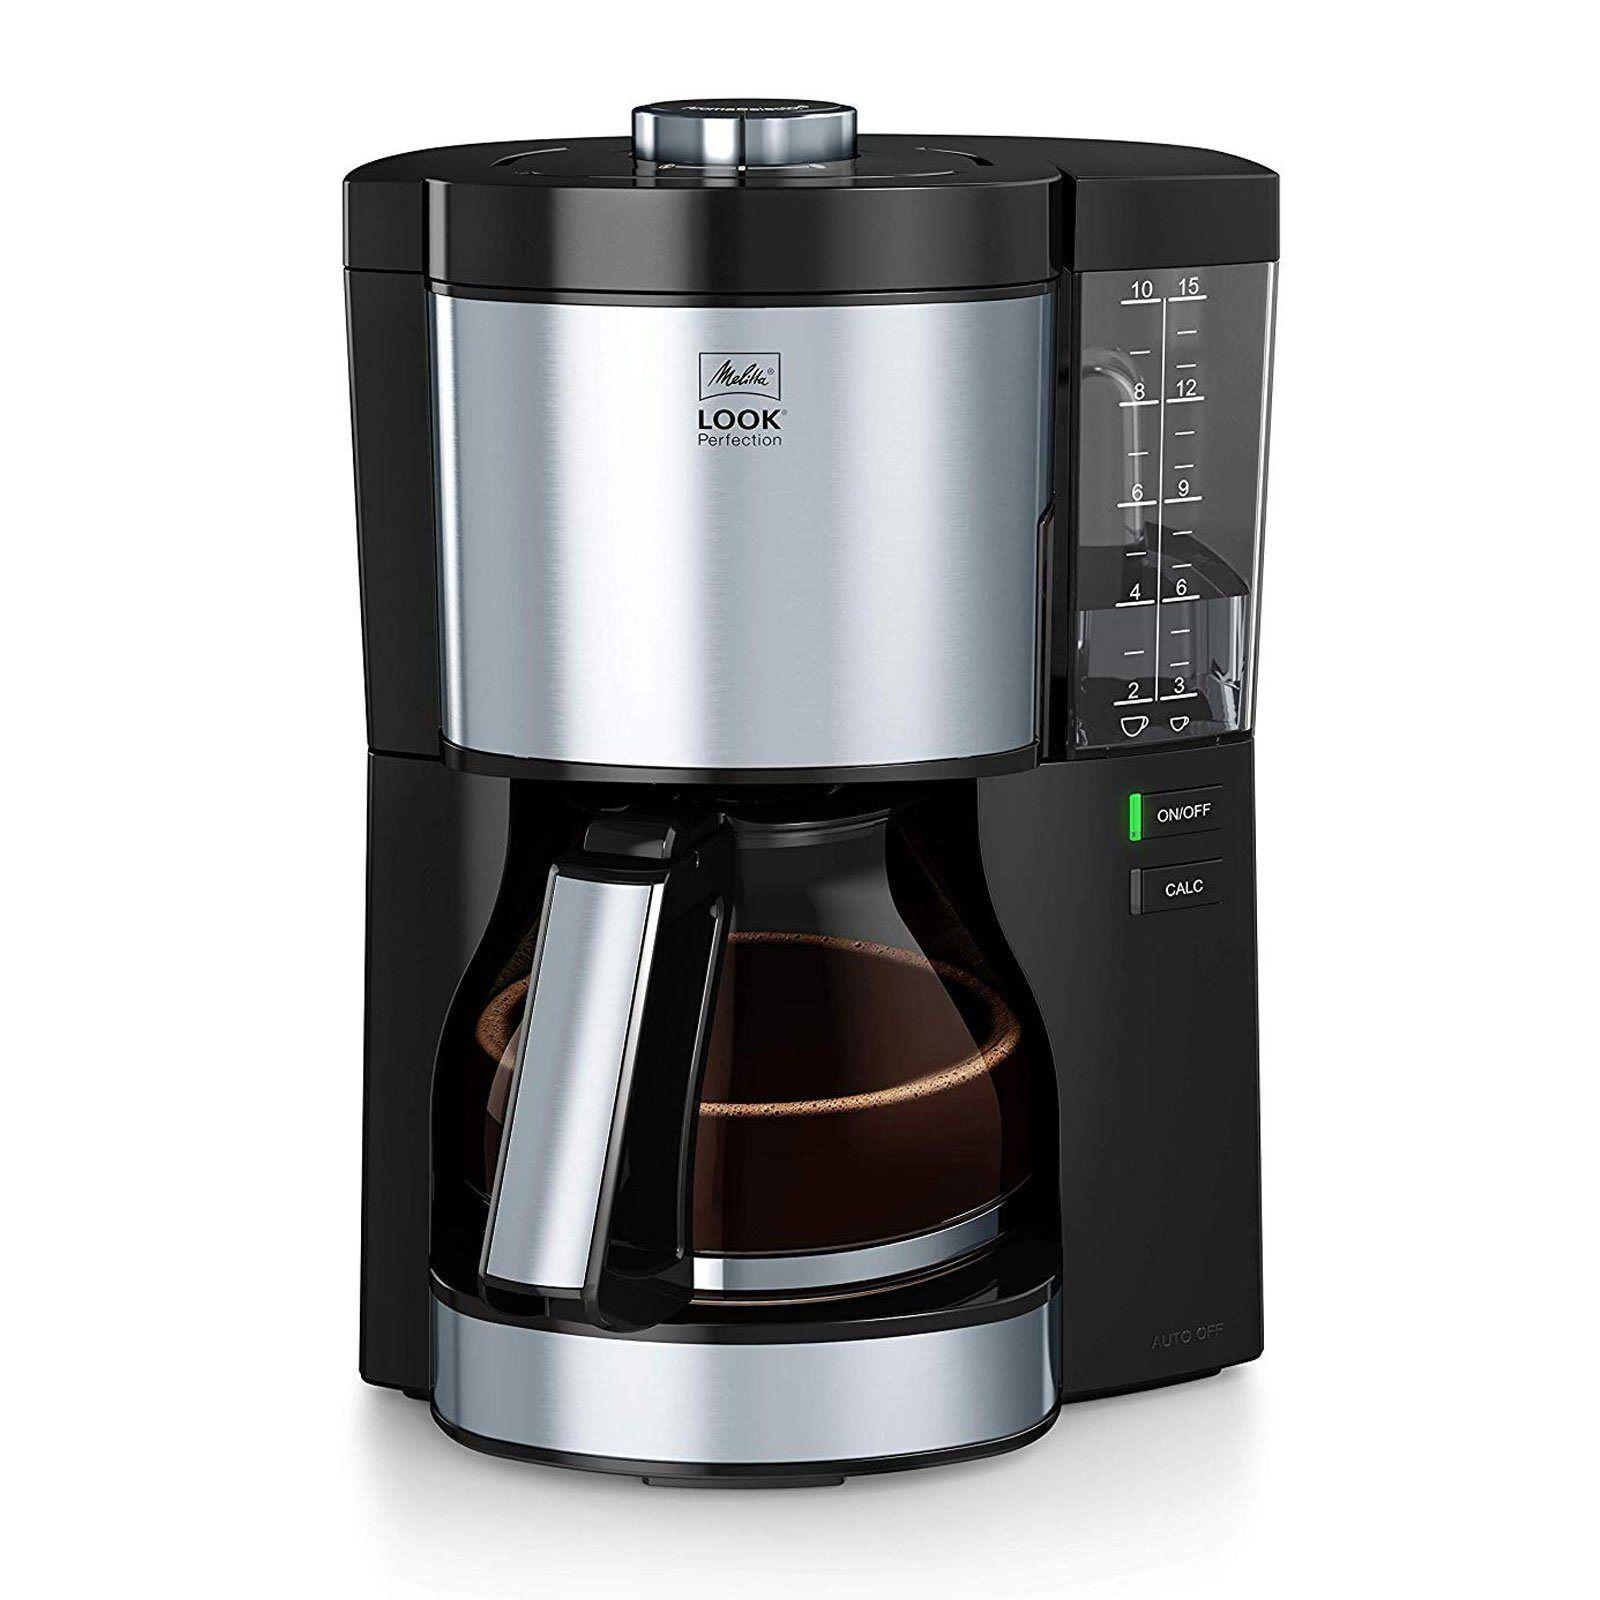 Melitta Filterkaffeemaschine 1025-06